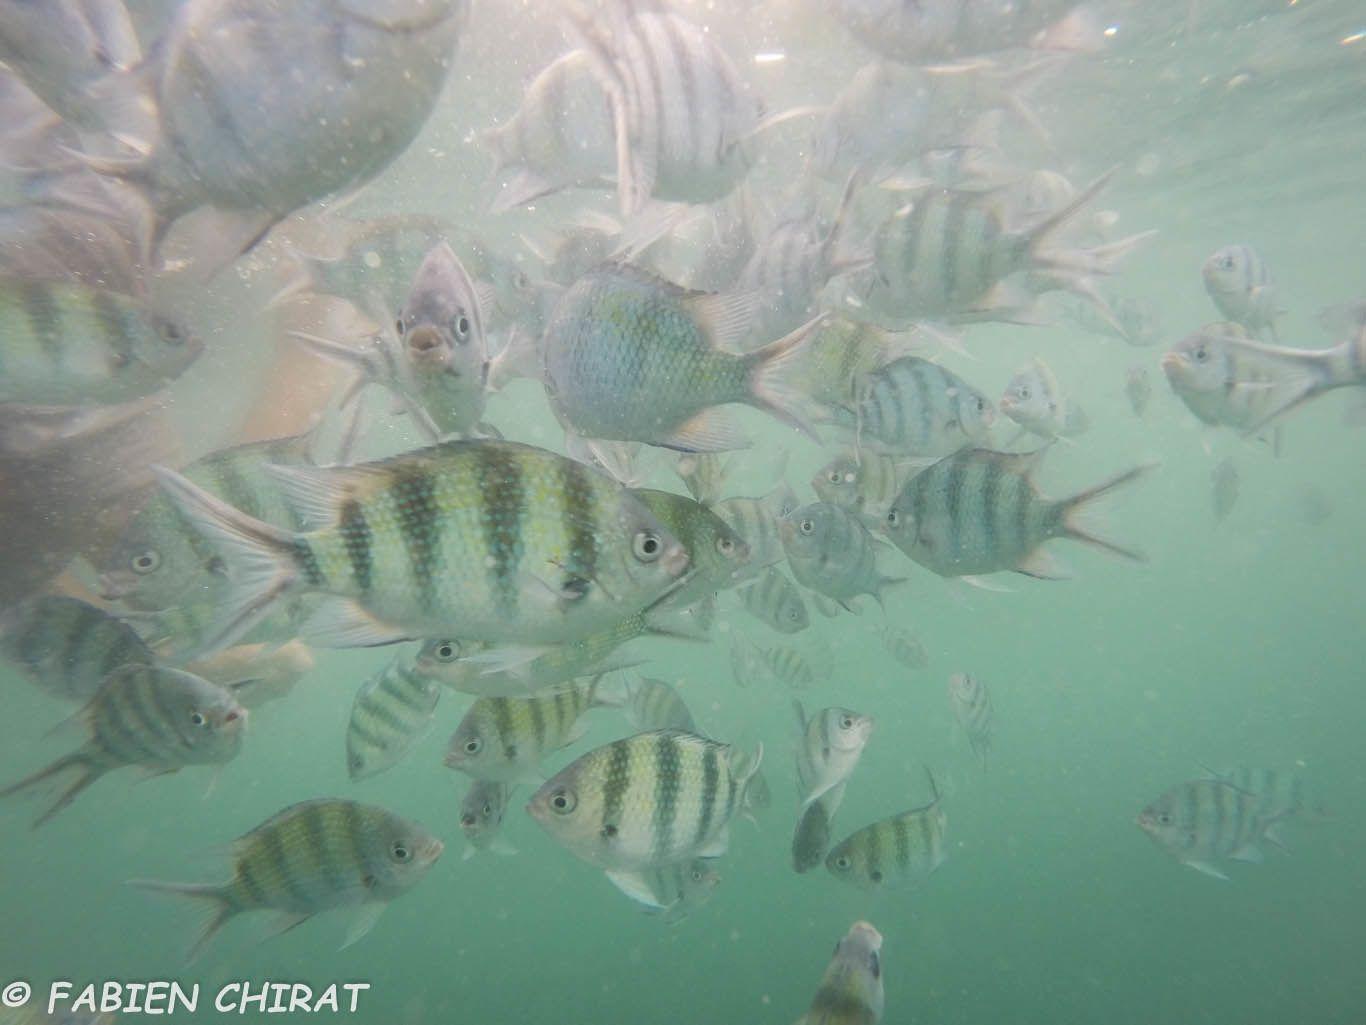 Quelques poissons dans une eau à 29°C.